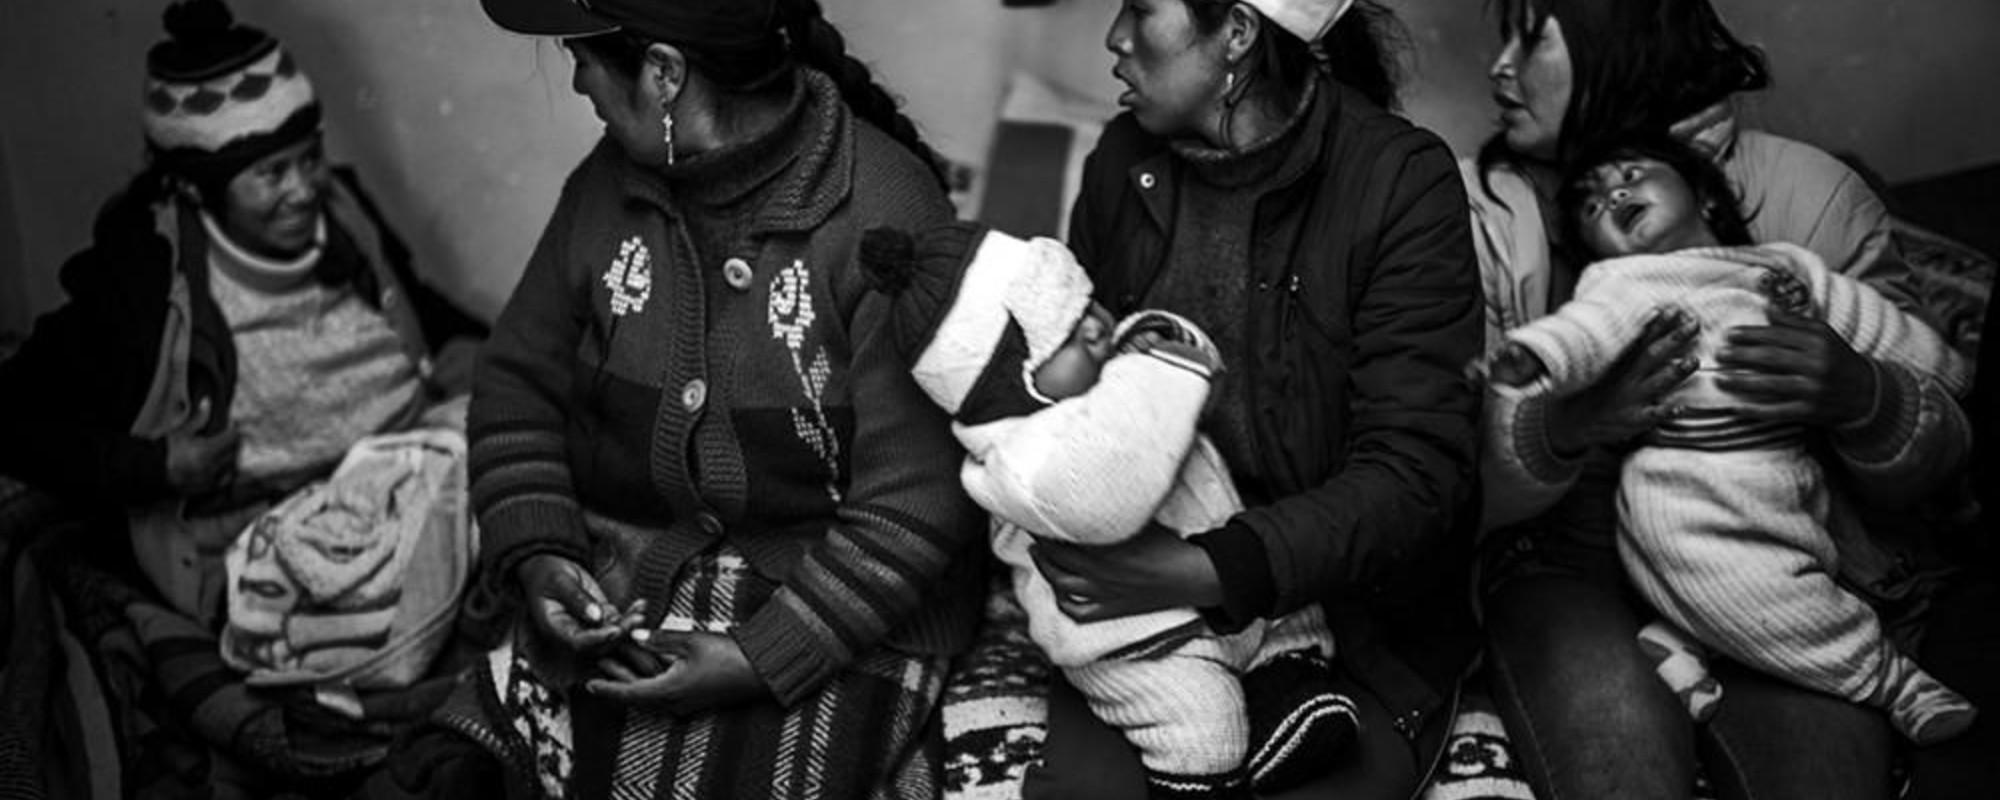 Las mujeres de las minas ilegales de oro de Perú